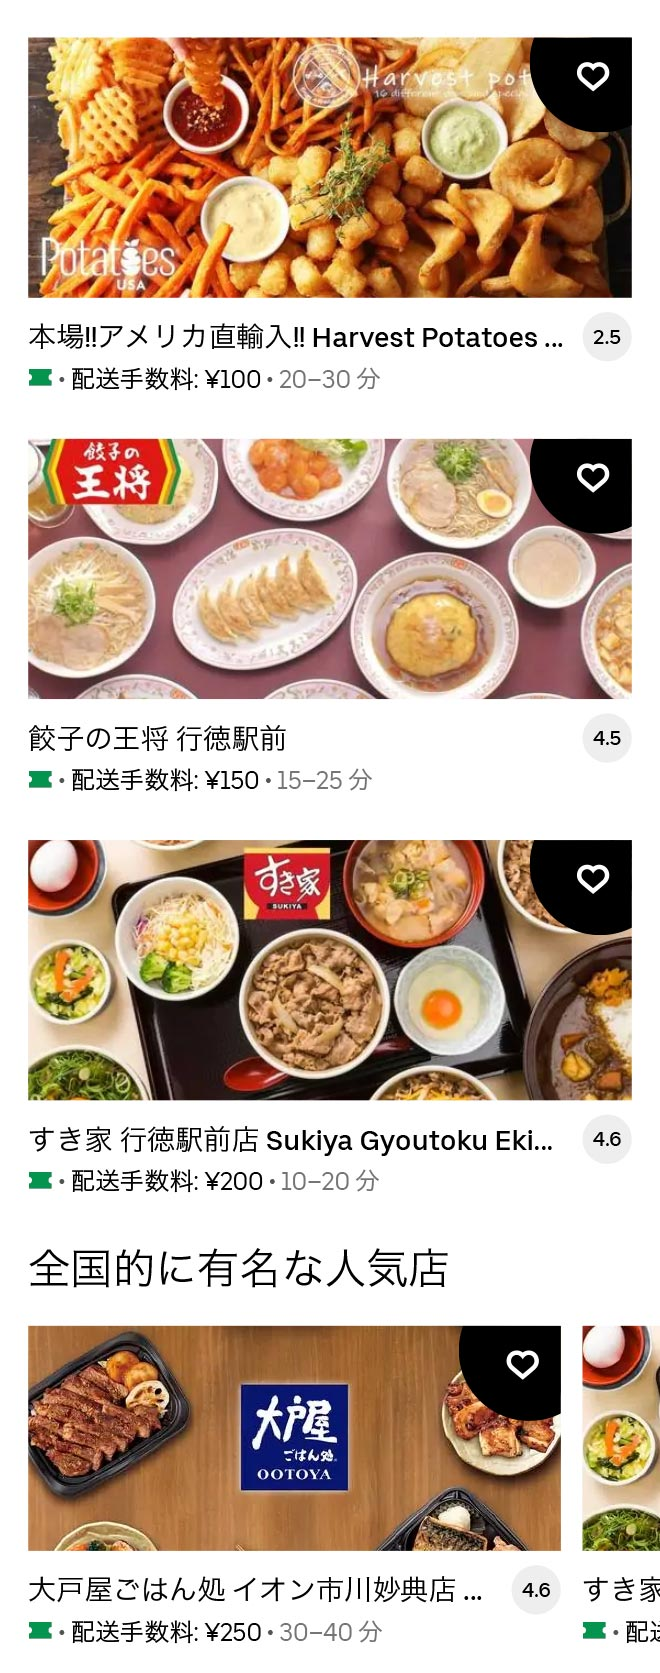 U gyotoku 2105 04